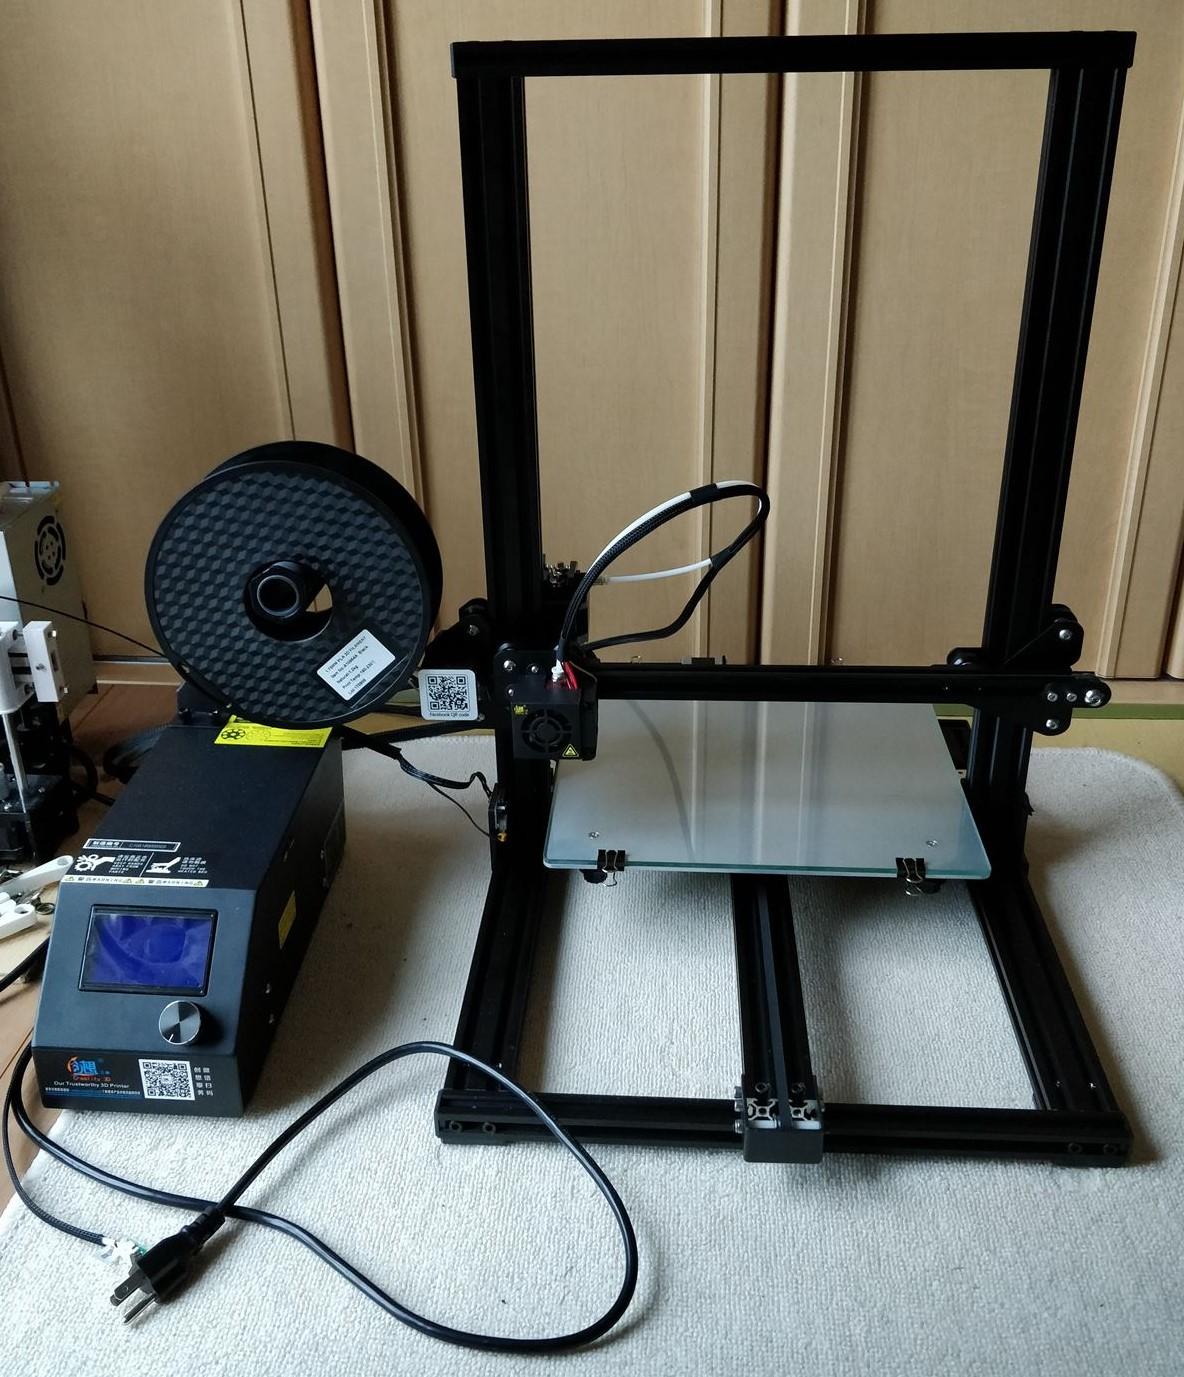 5万円で買える3Dプリンター「Creality 3D CR-10S」のレビュー(テストプリント編)